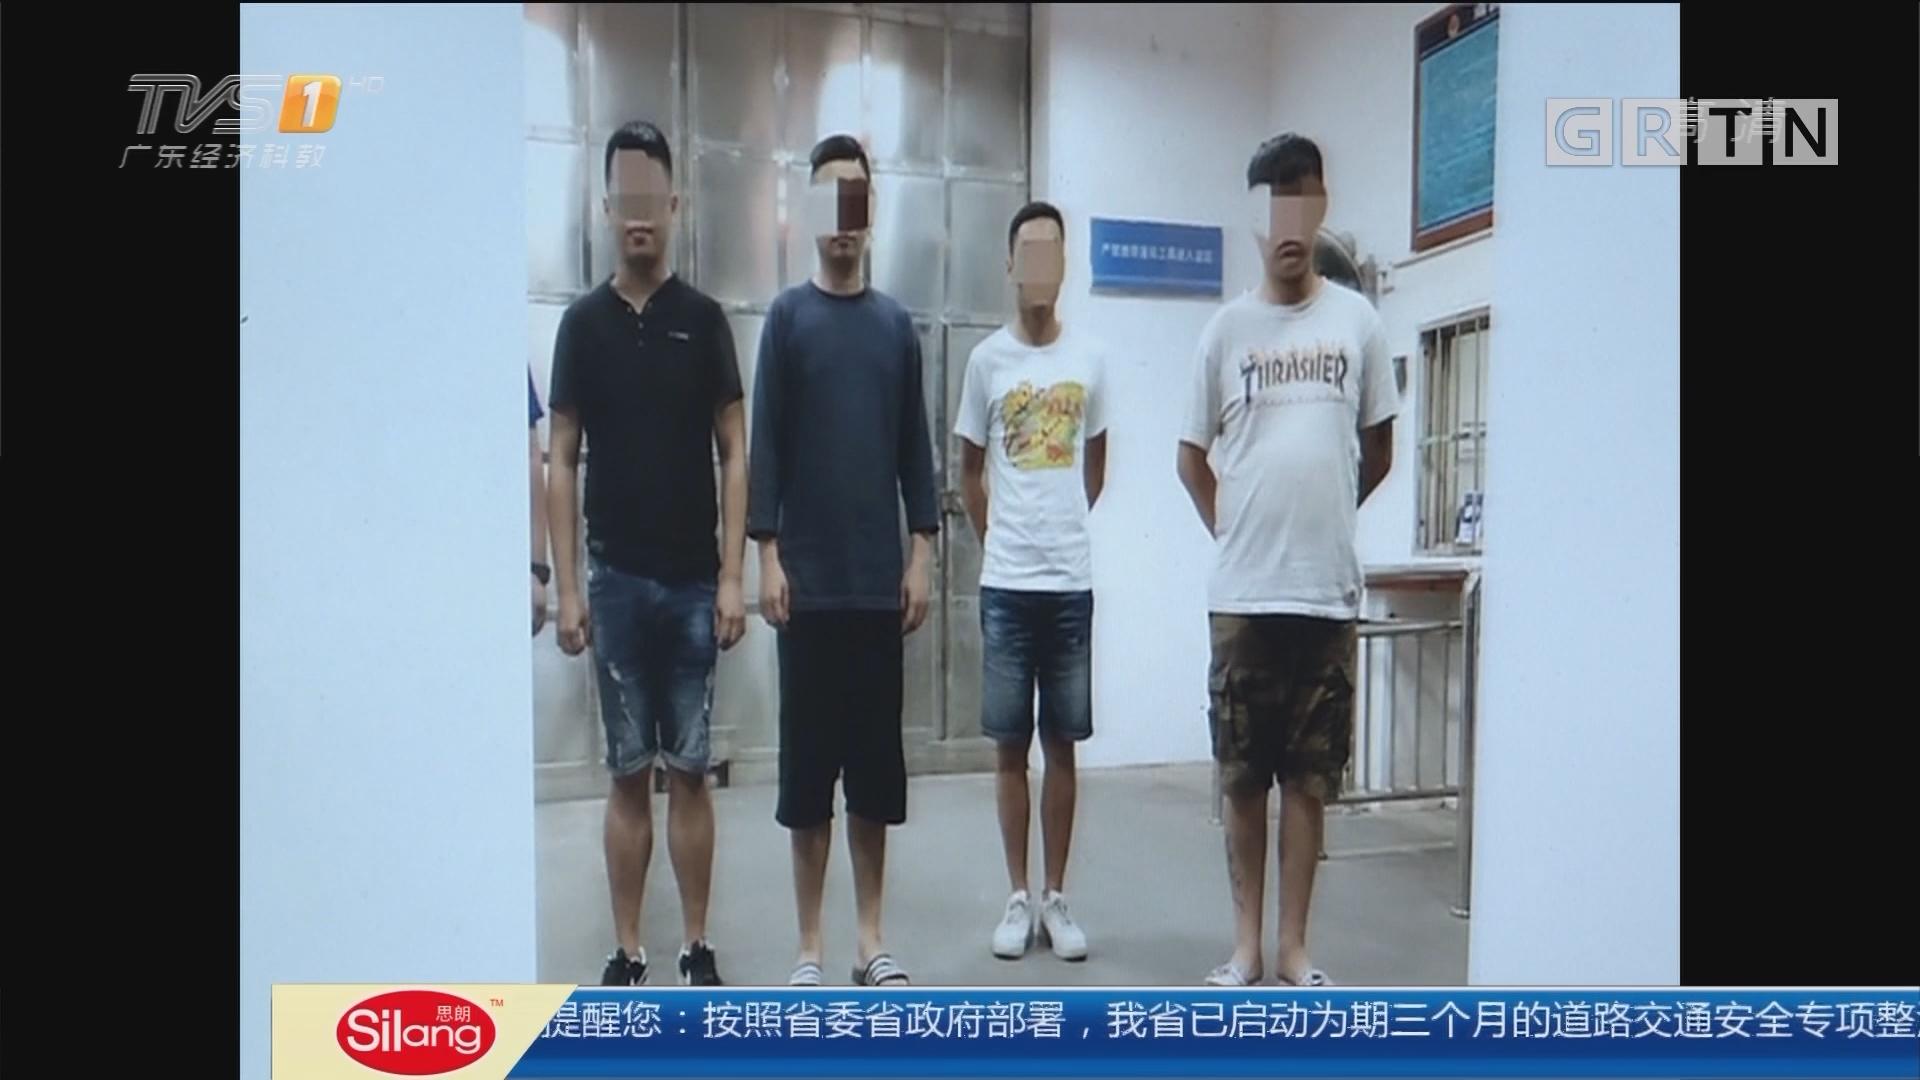 江西南昌:超速逆行聚众飚车 四男子被刑拘